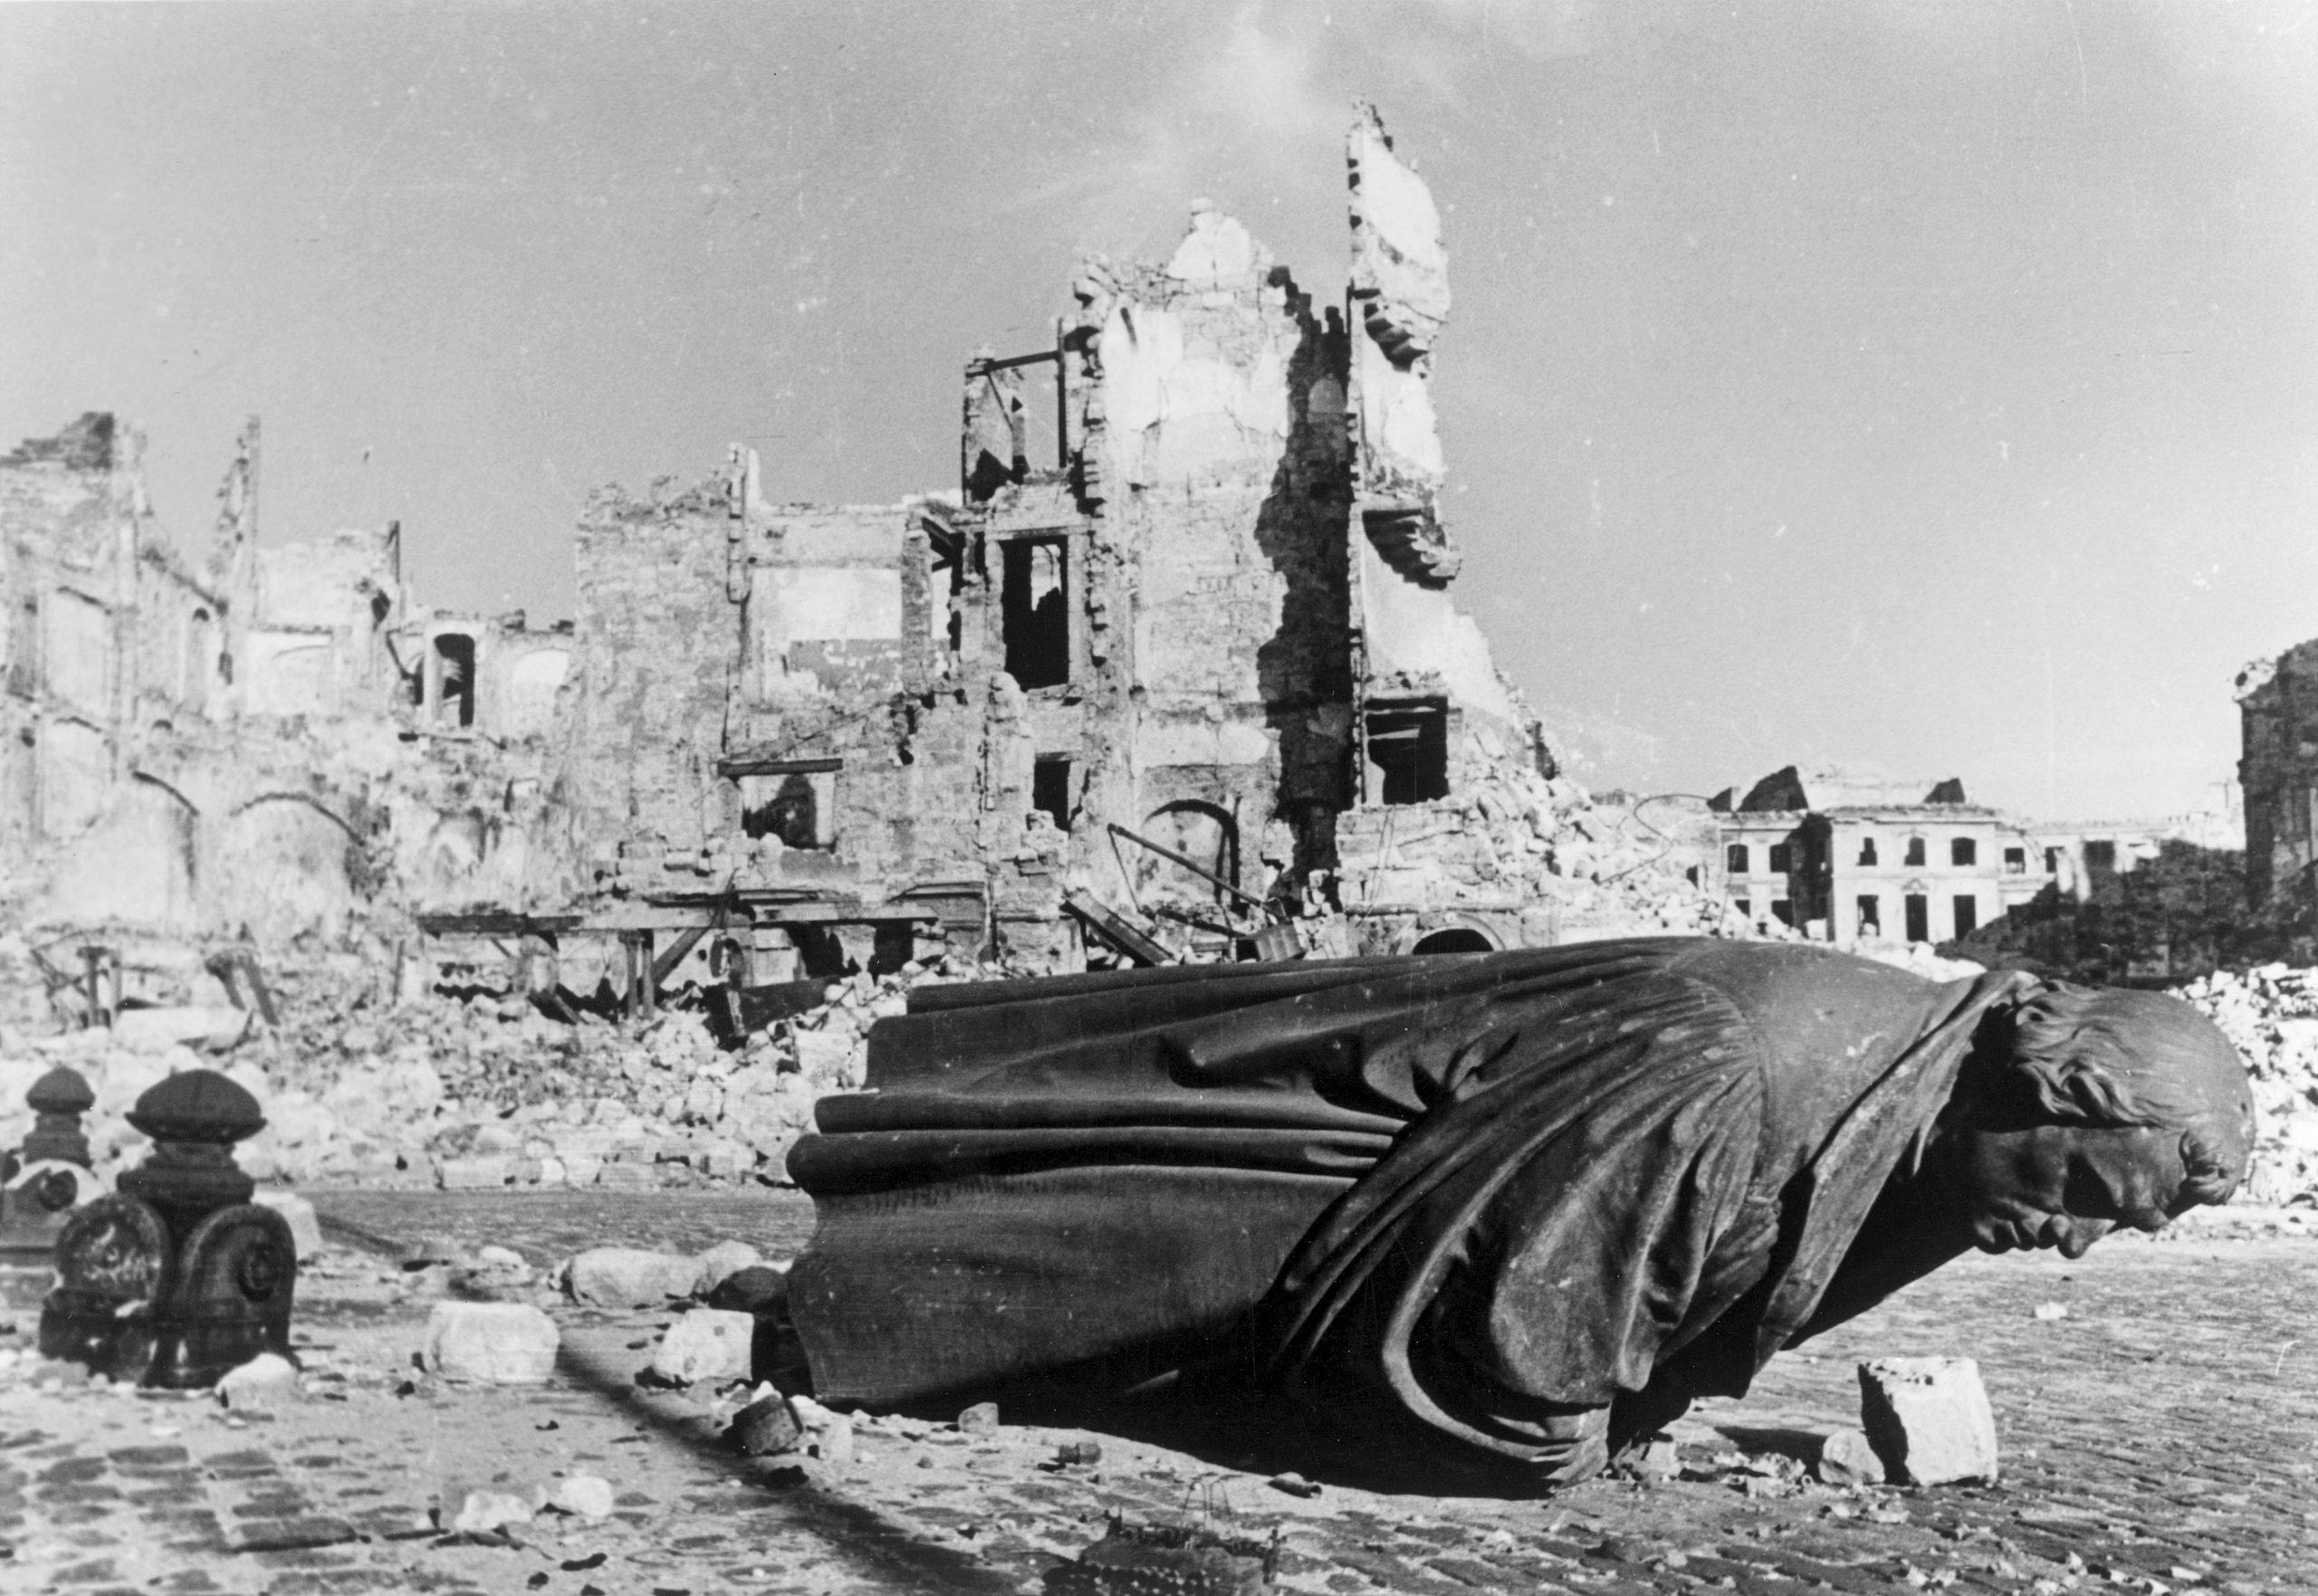 Das zerstörte Lutherdenkmal in Dresden nach den Luftangriffen vom 13. und 14. Februar 1945 Foto: picture-alliance / akg-images